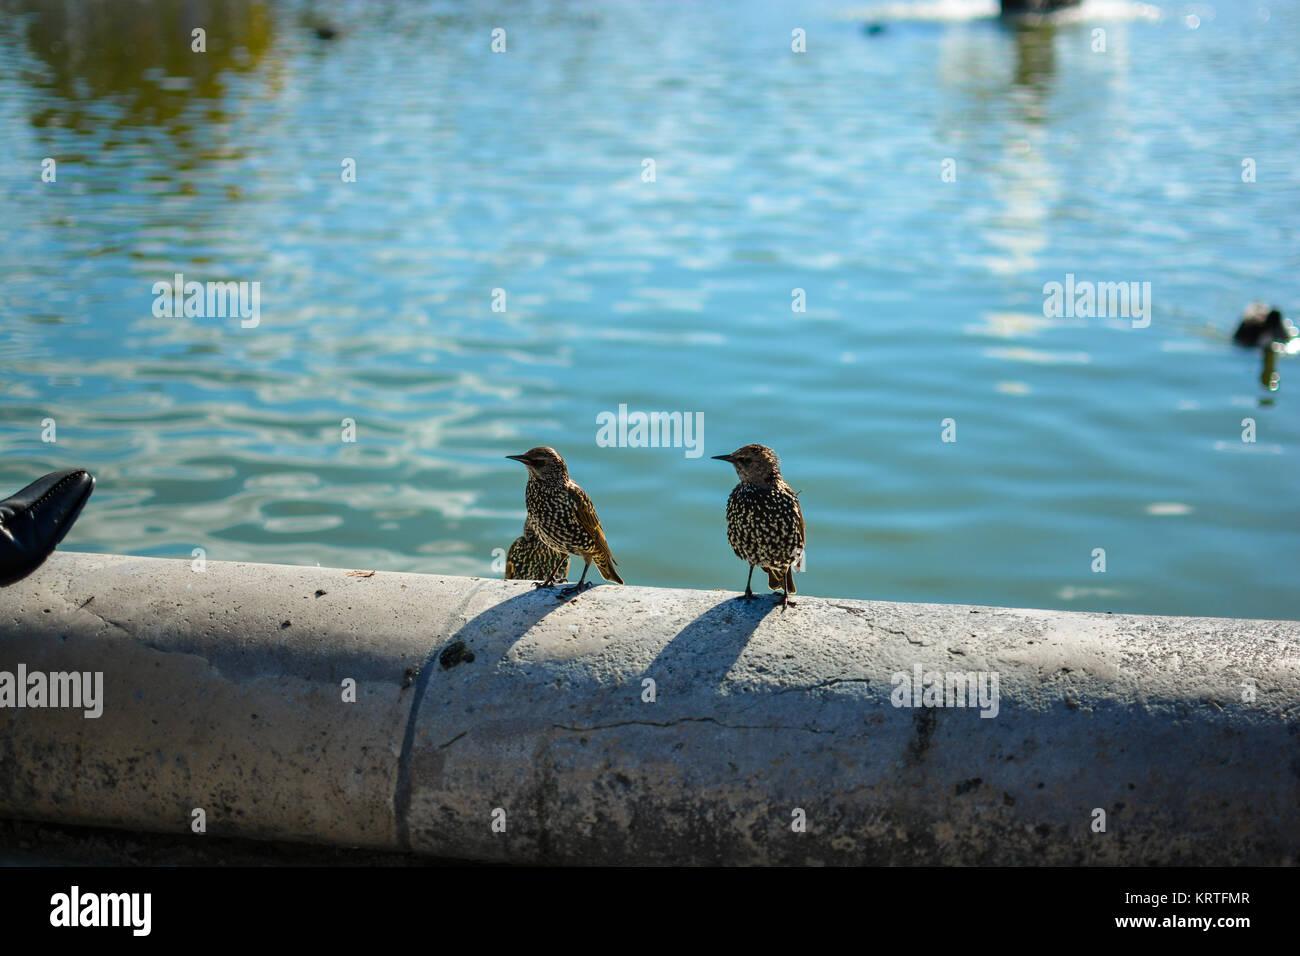 Tres estorninos europeos lounge en el Grand Bassin Rond, el gran estanque circular en el Jardin des Tuilleries en París Francia Foto de stock